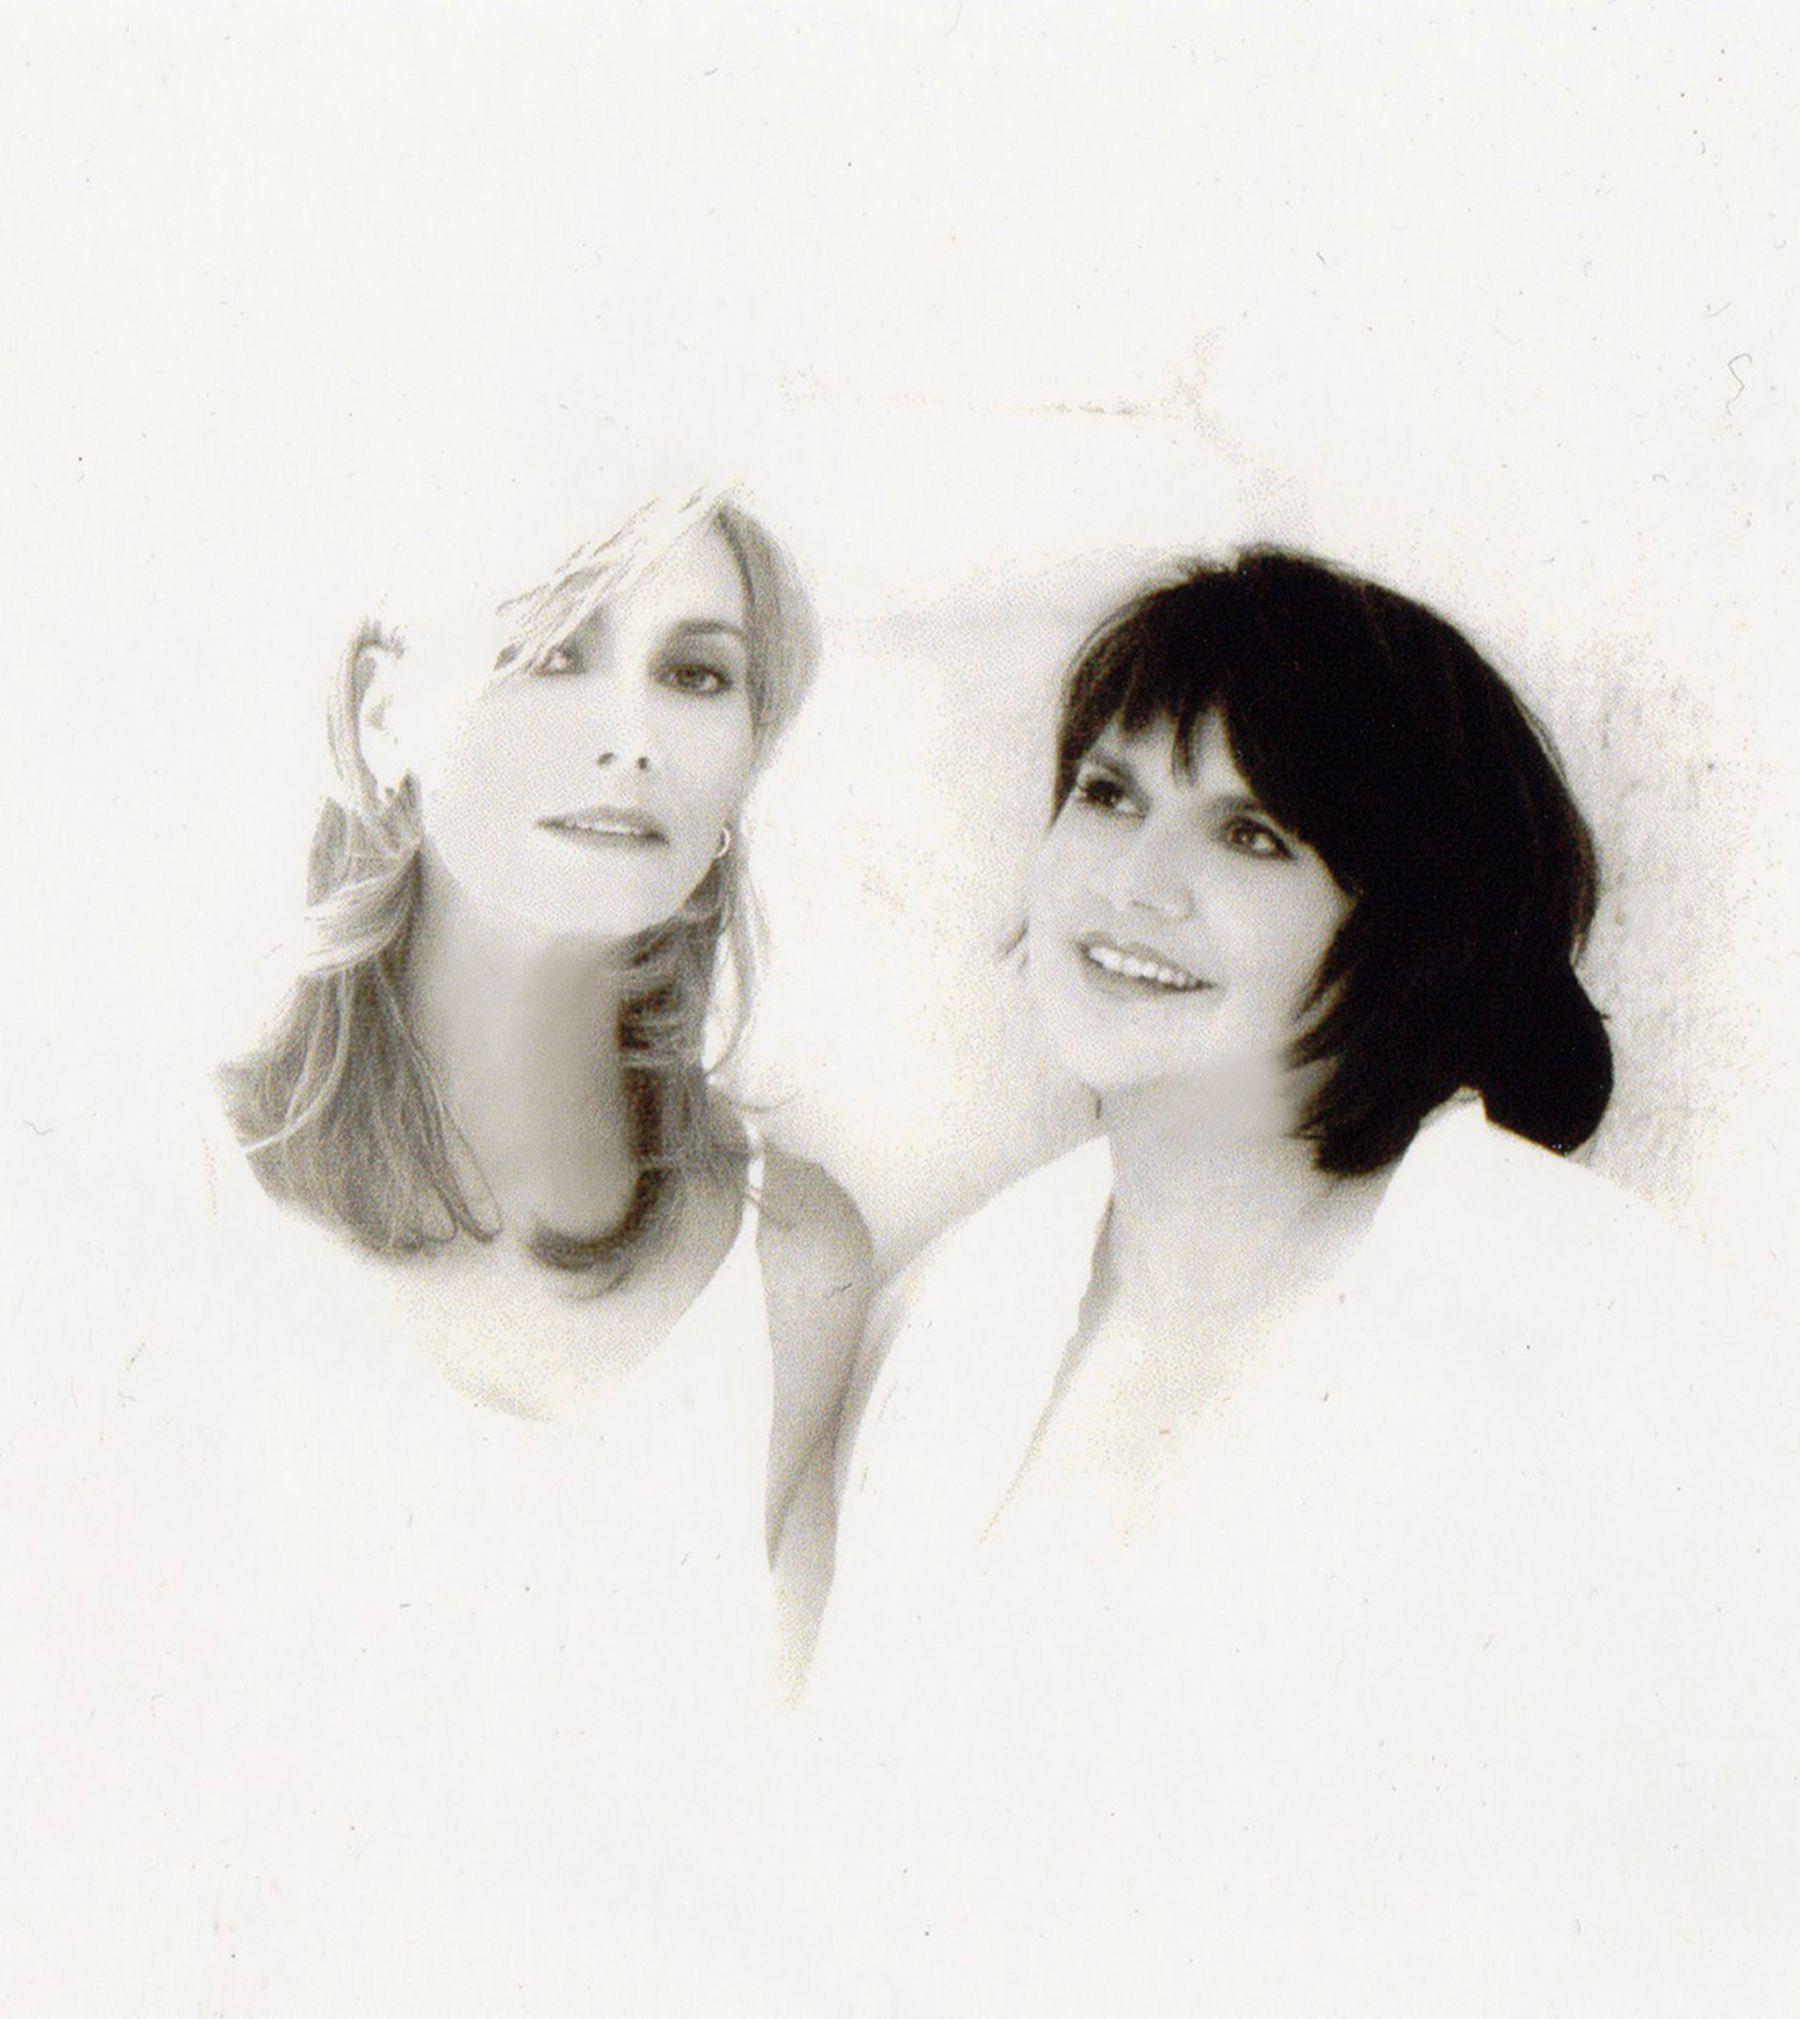 Emmylou Harris & Linda Ronstadt